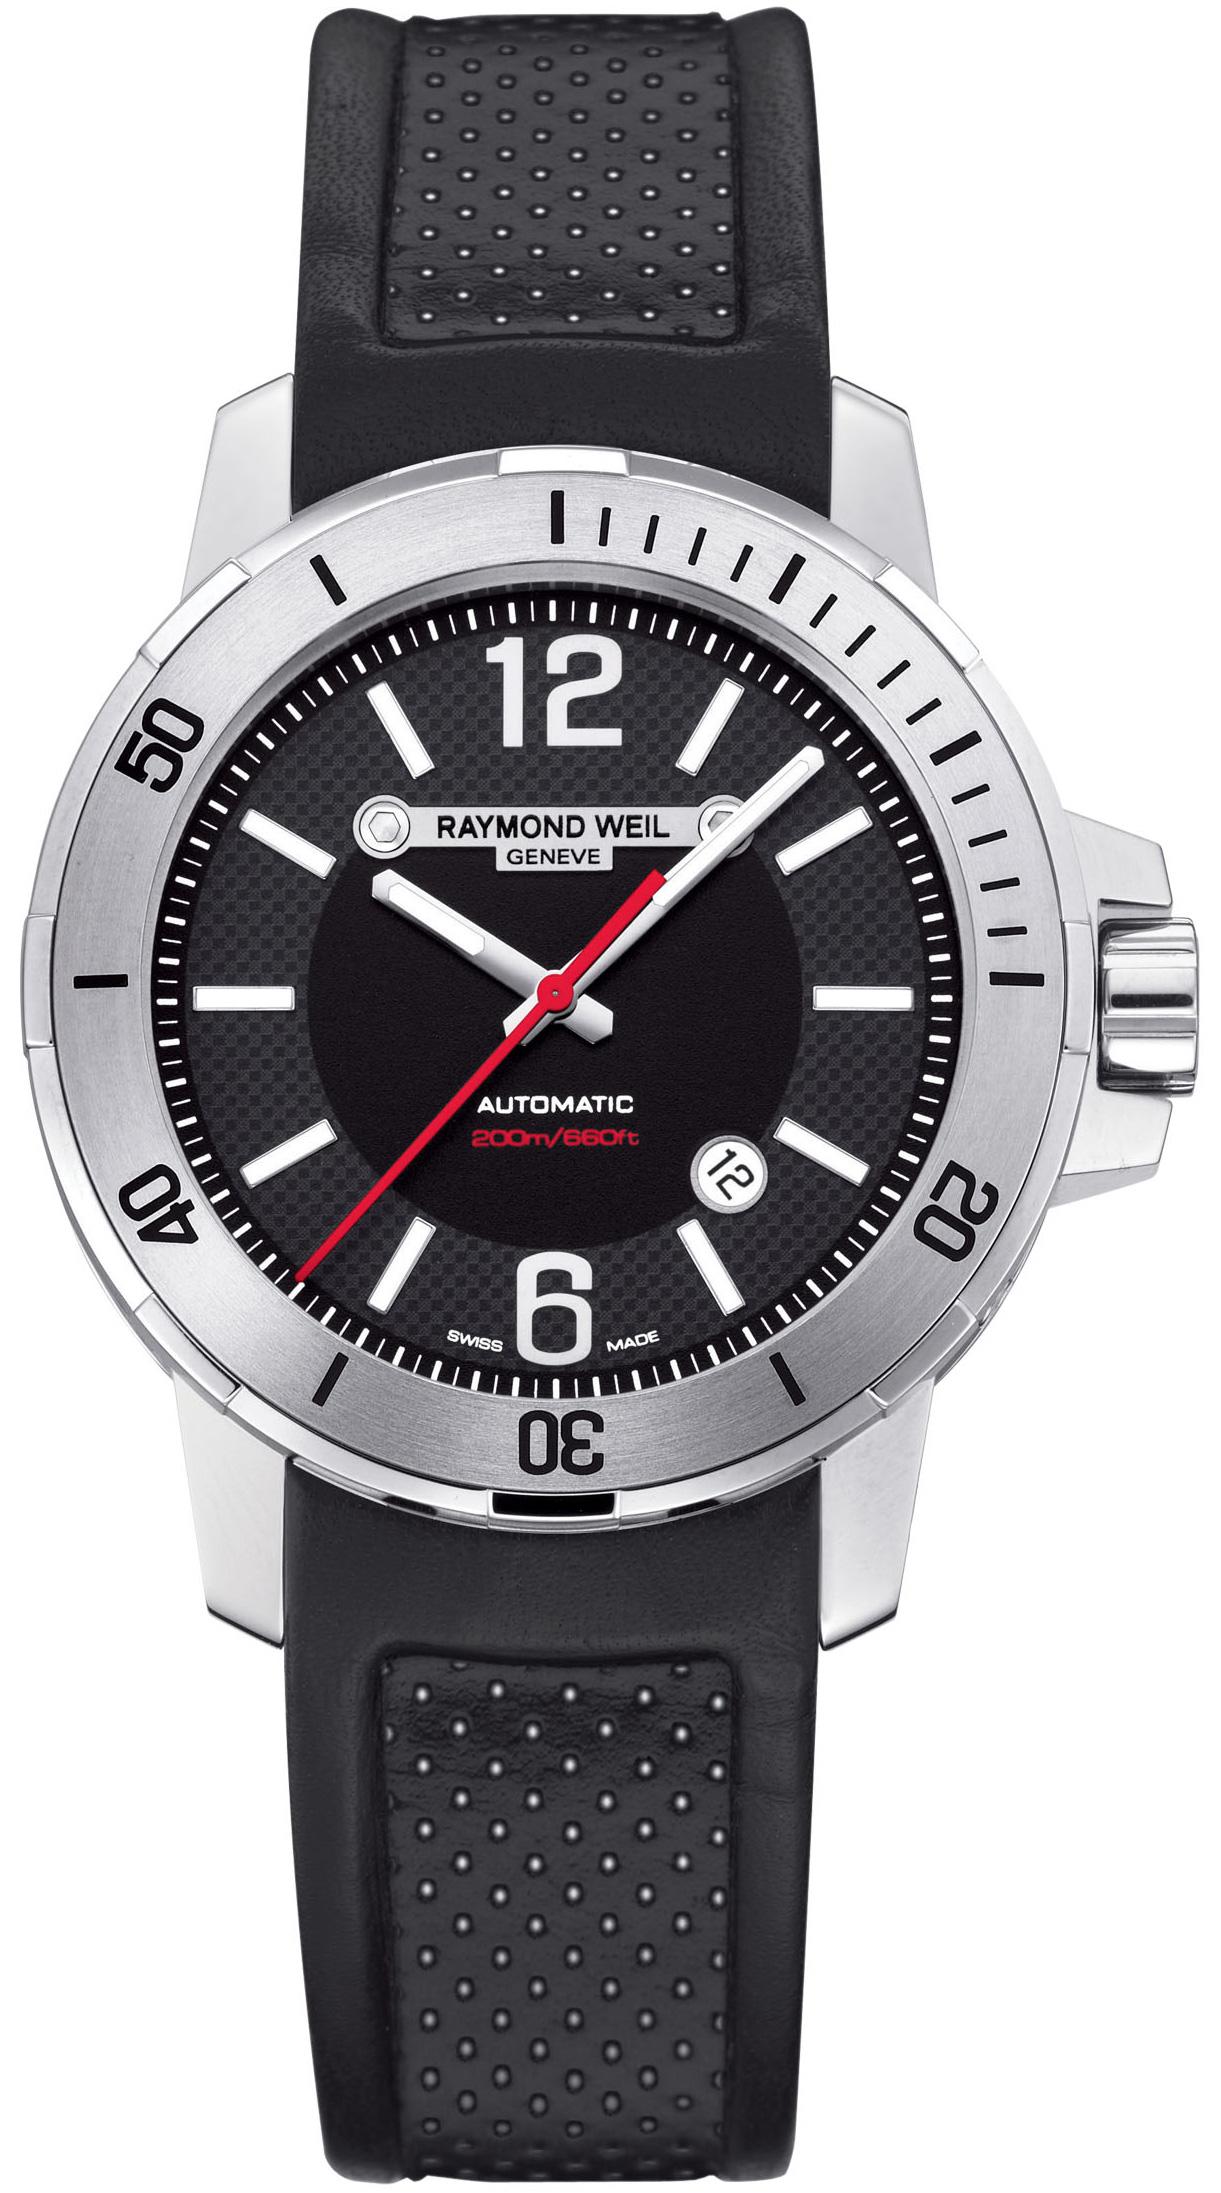 Raymond Weil Nabucco Automatic Men S Watch Model 3900 Stc 05207